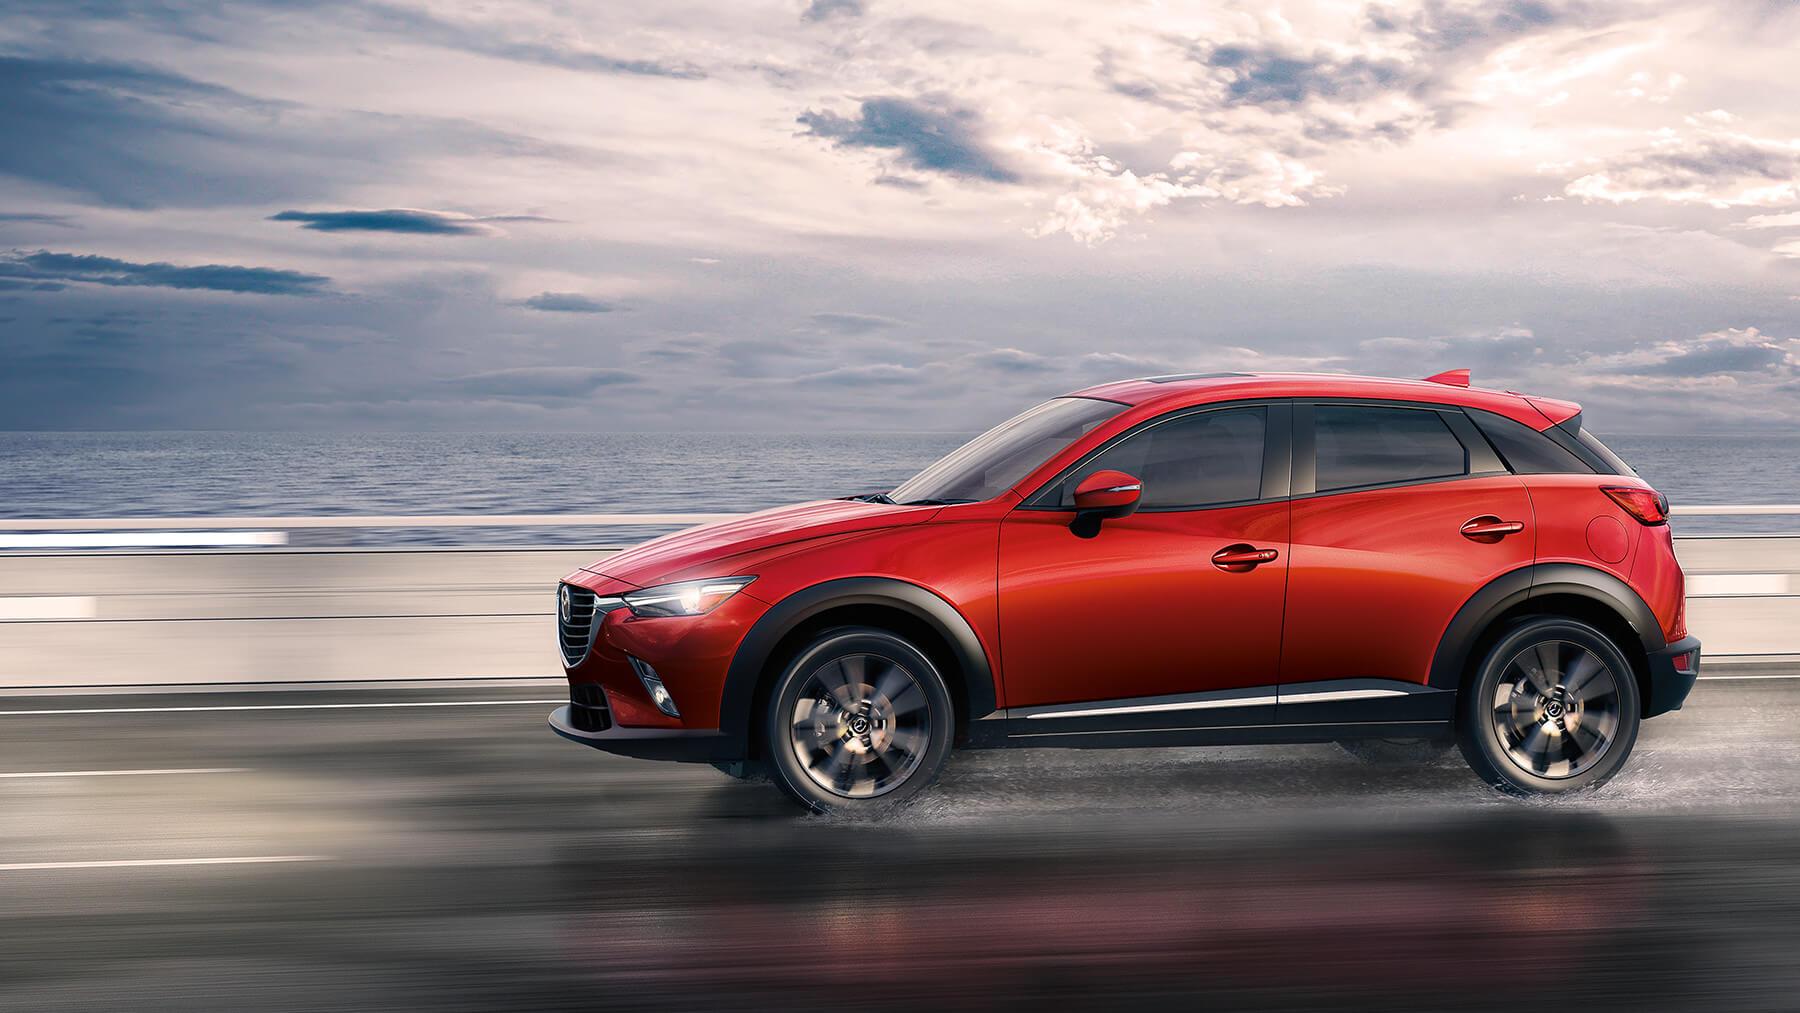 2017 Mazda Cx 3 For Sale In Martinez Ga Gerald Jones Mazda